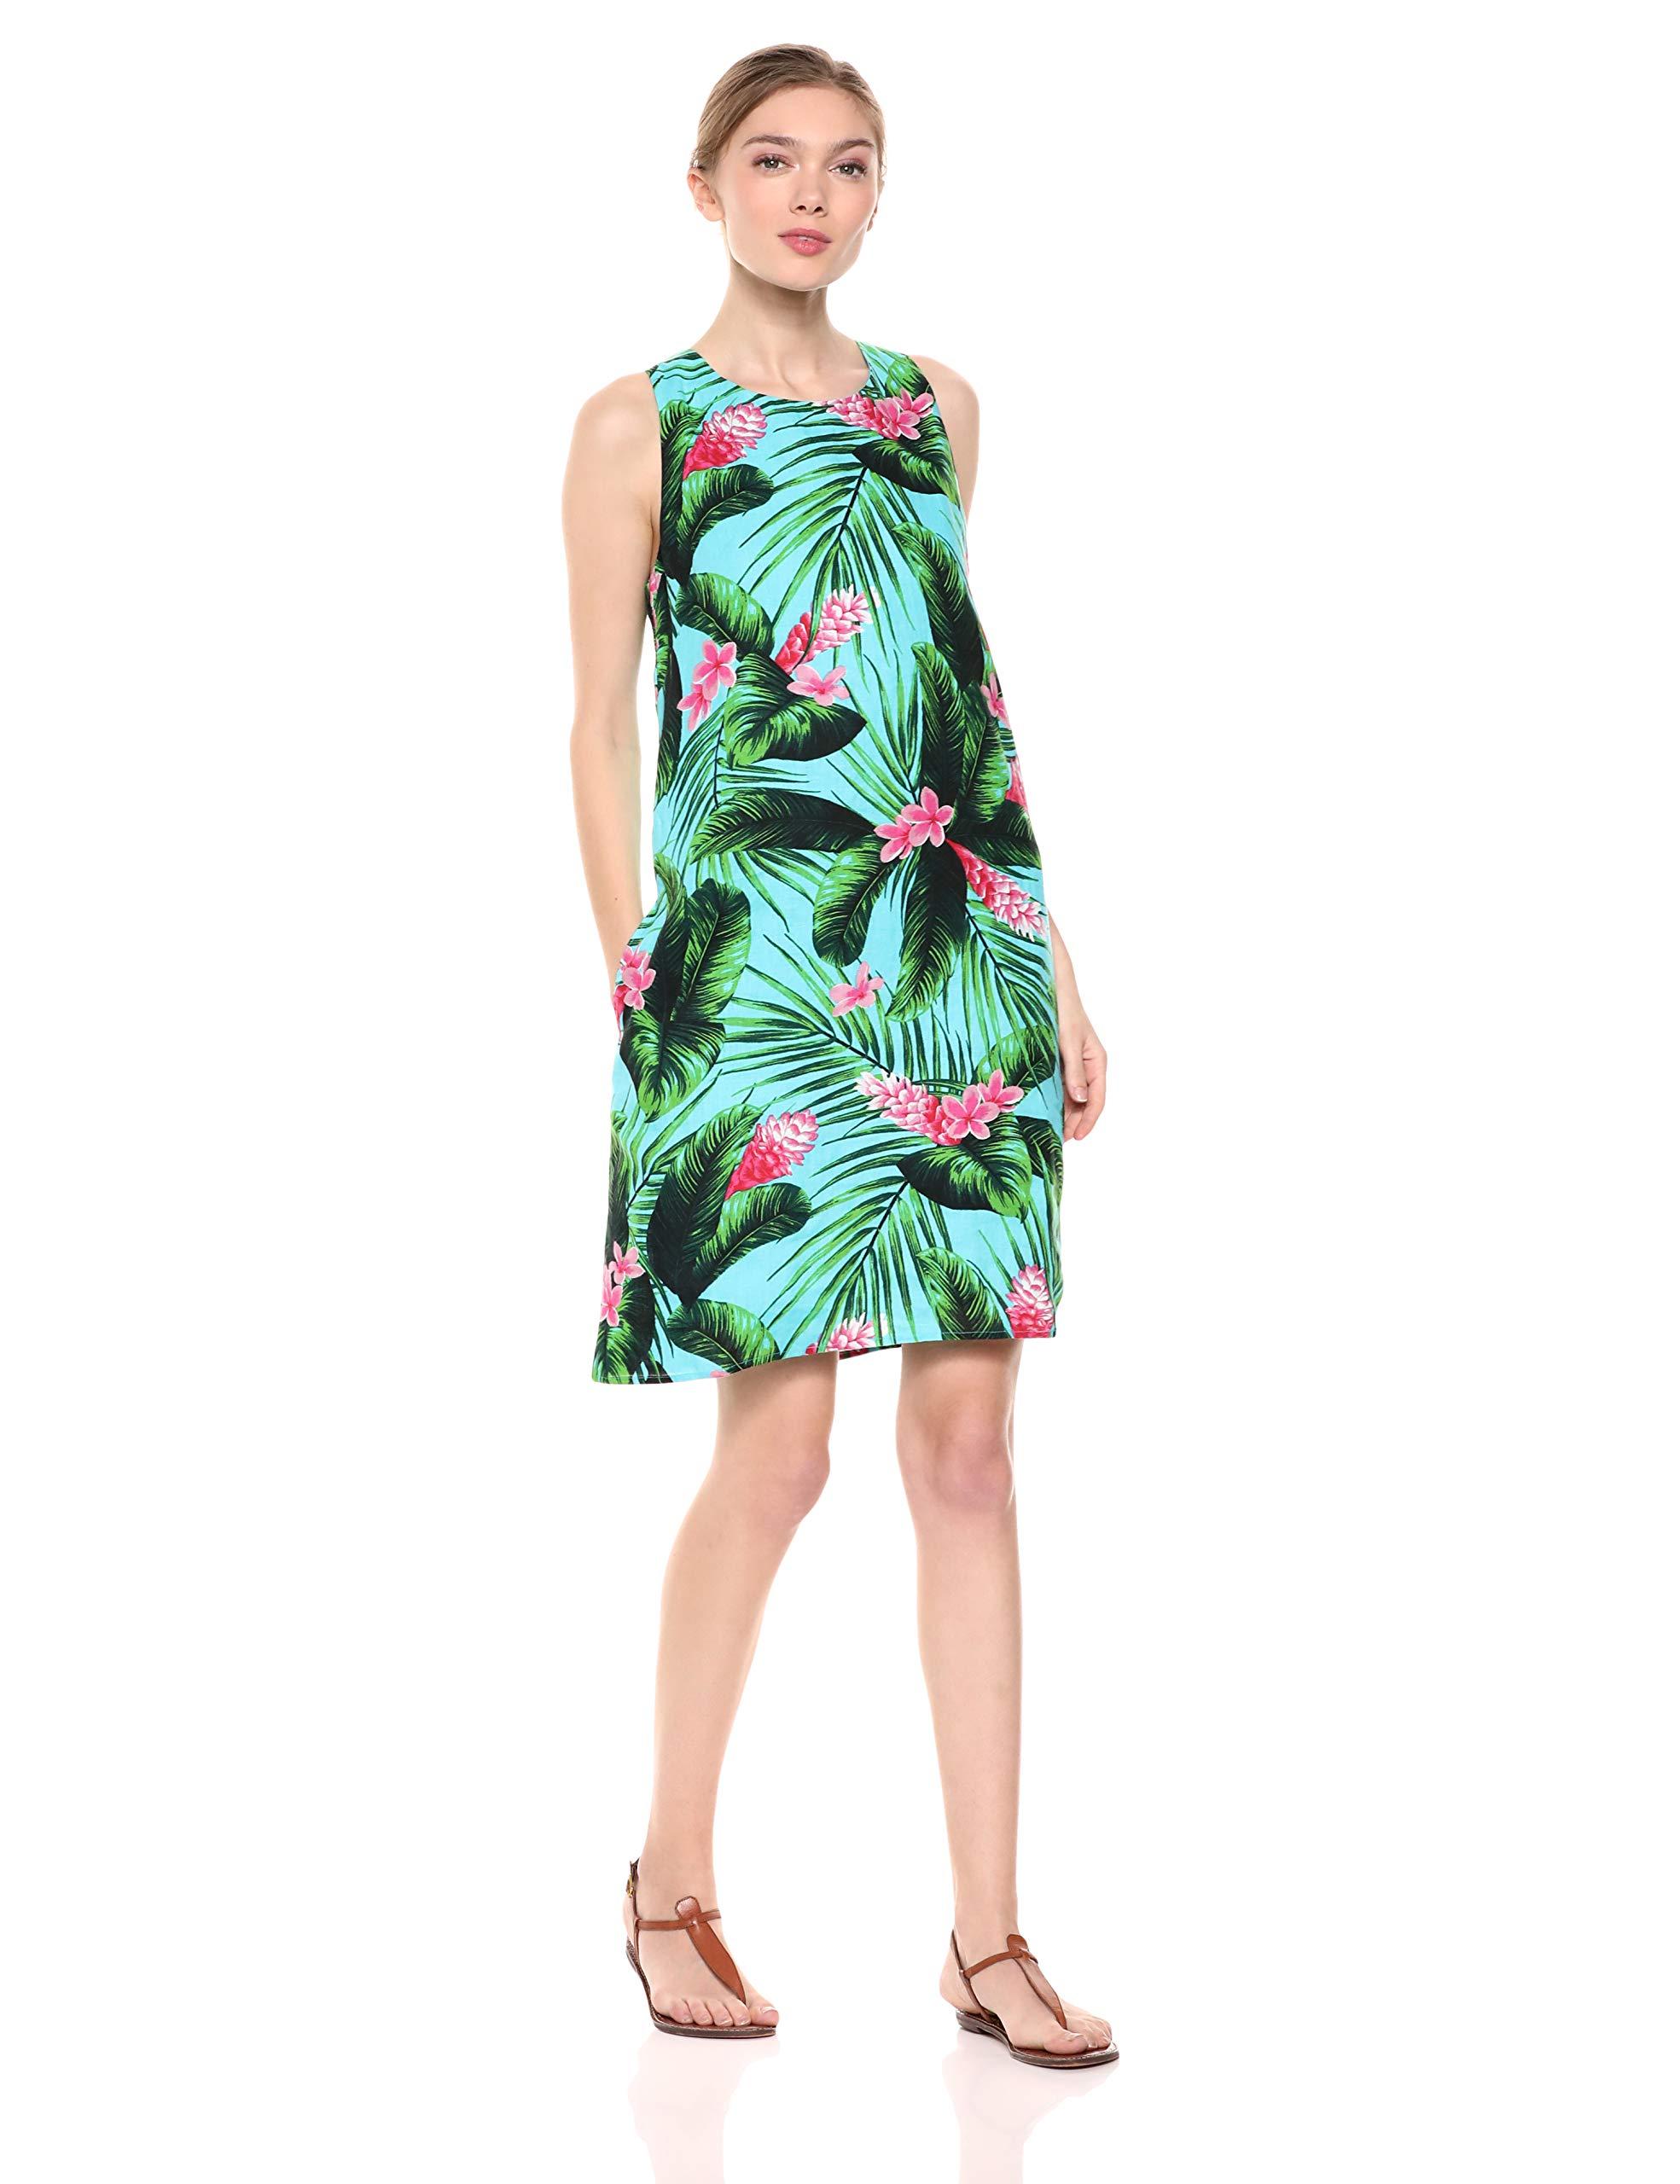 LeuXl Shift DressAqua 100Linen pink 28 Hawaiian TropicalUs Print Palms Ginger g67fyb